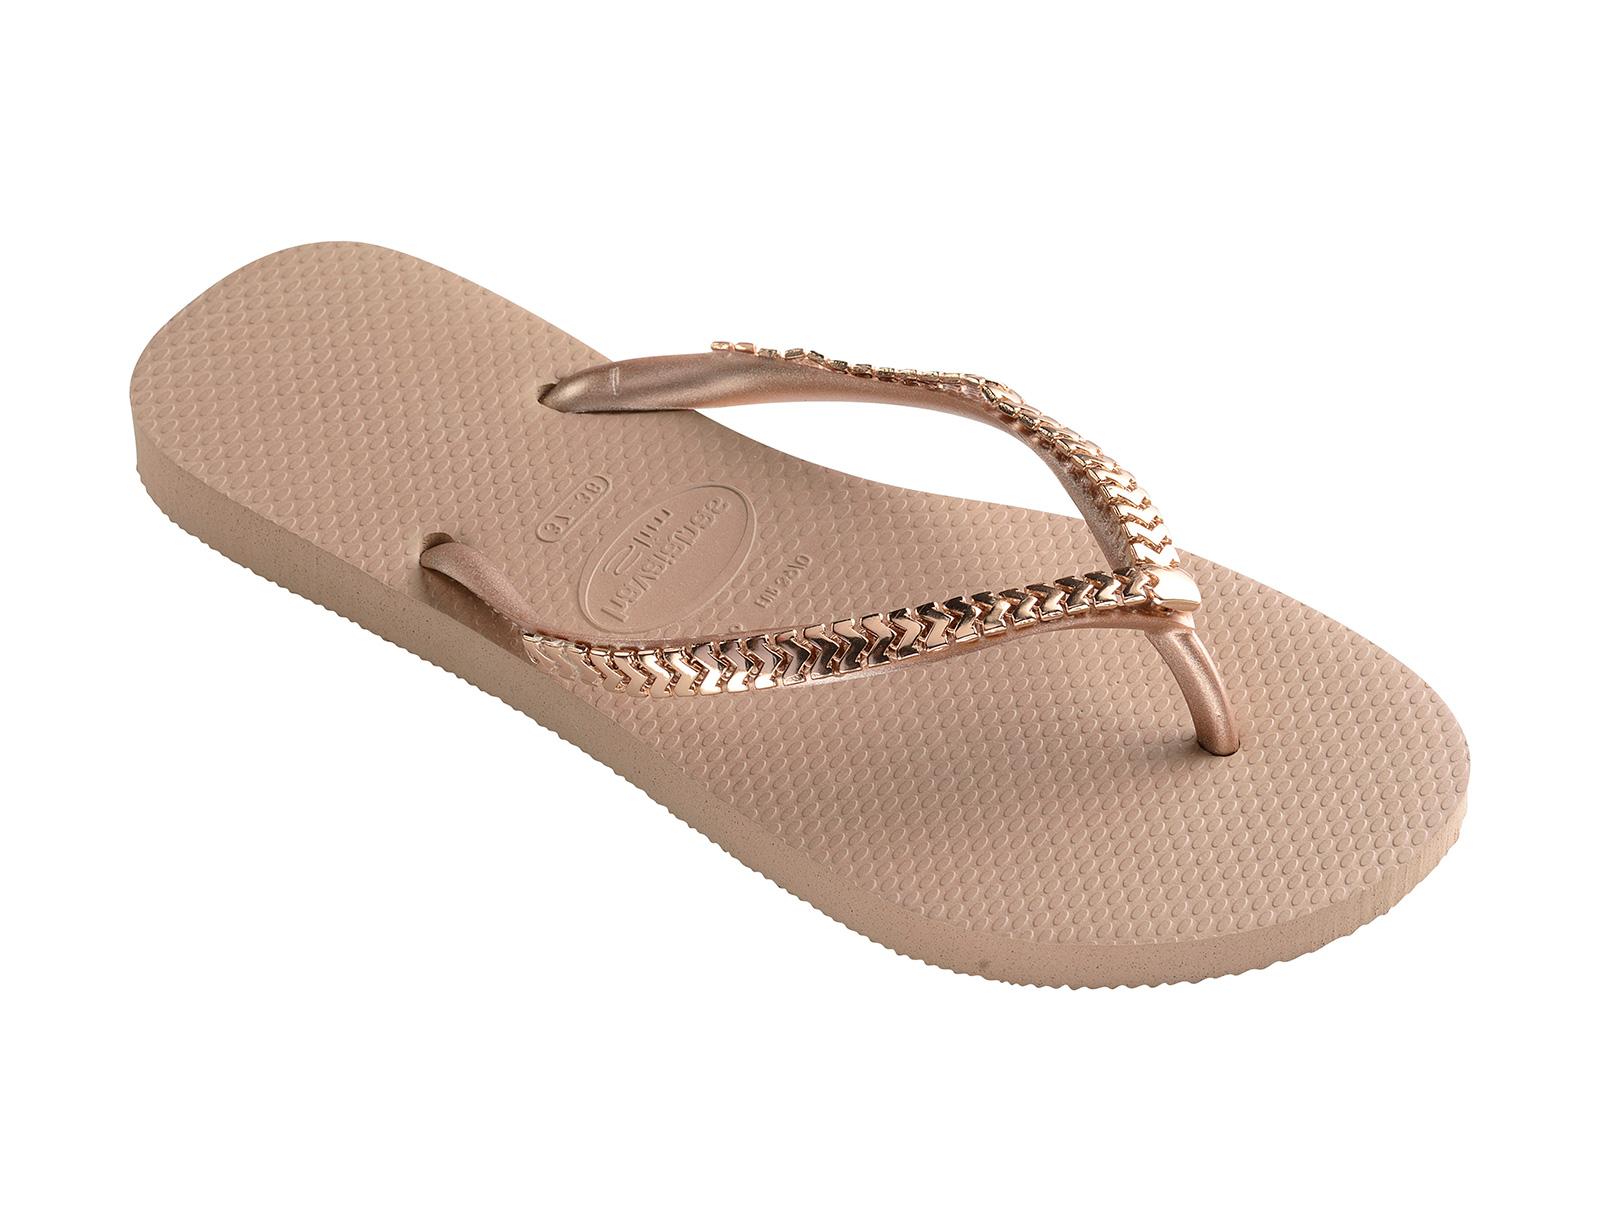 havaianas flip flops with metallic pink gold straps slim metal grega rose gold. Black Bedroom Furniture Sets. Home Design Ideas